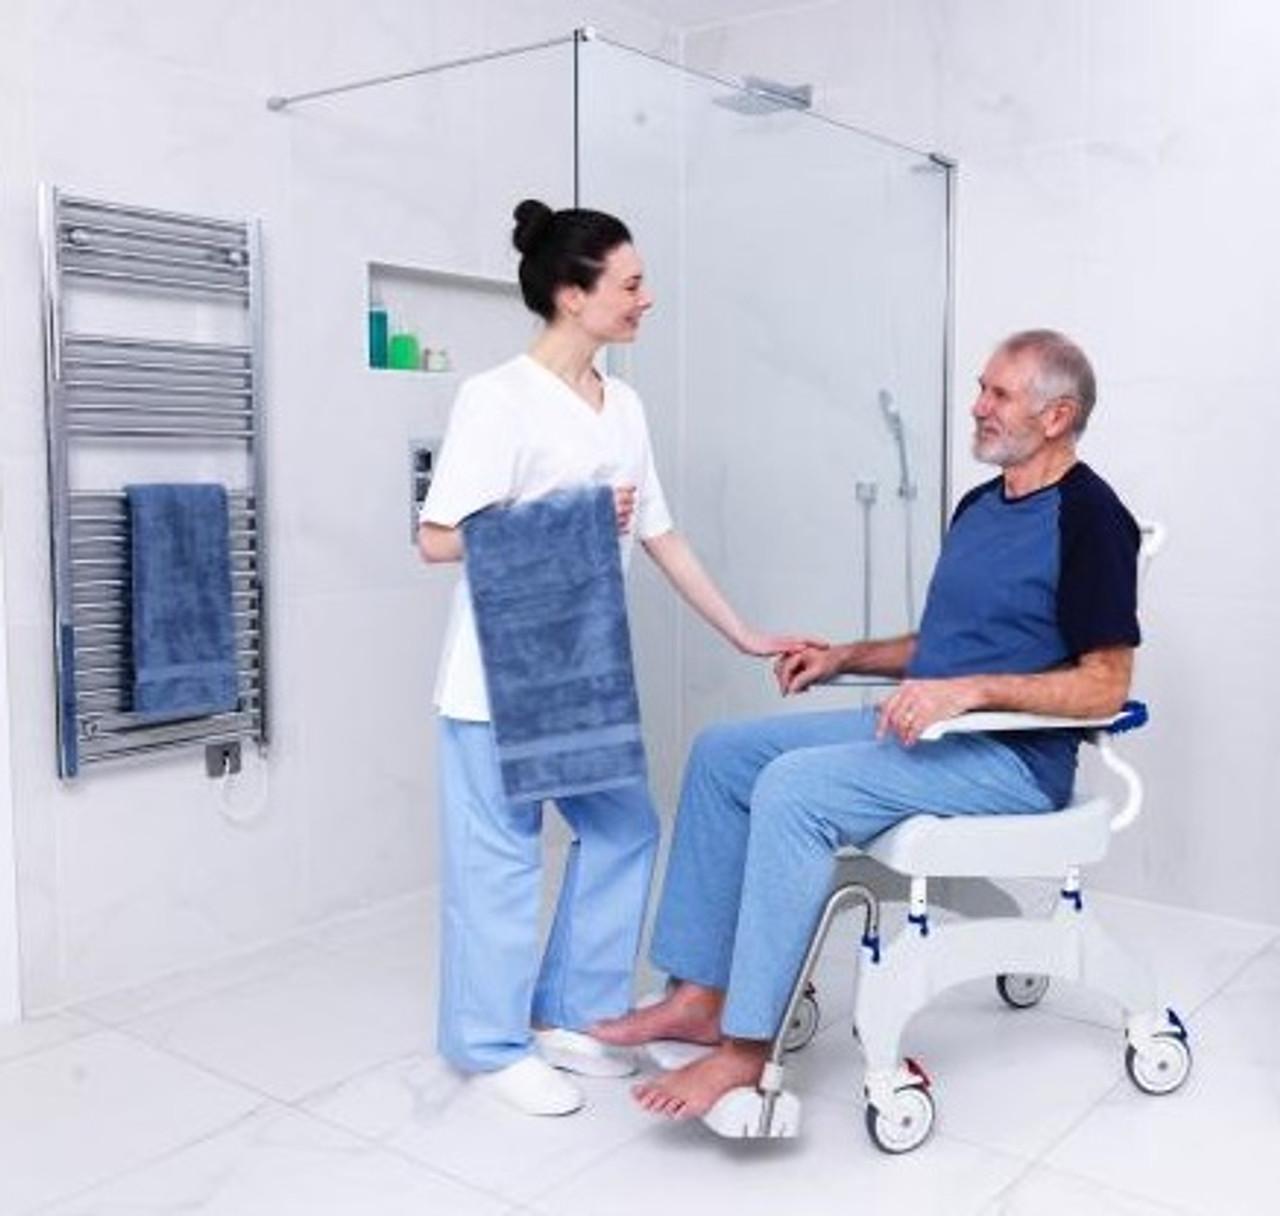 Aquatec ERGO shower chair